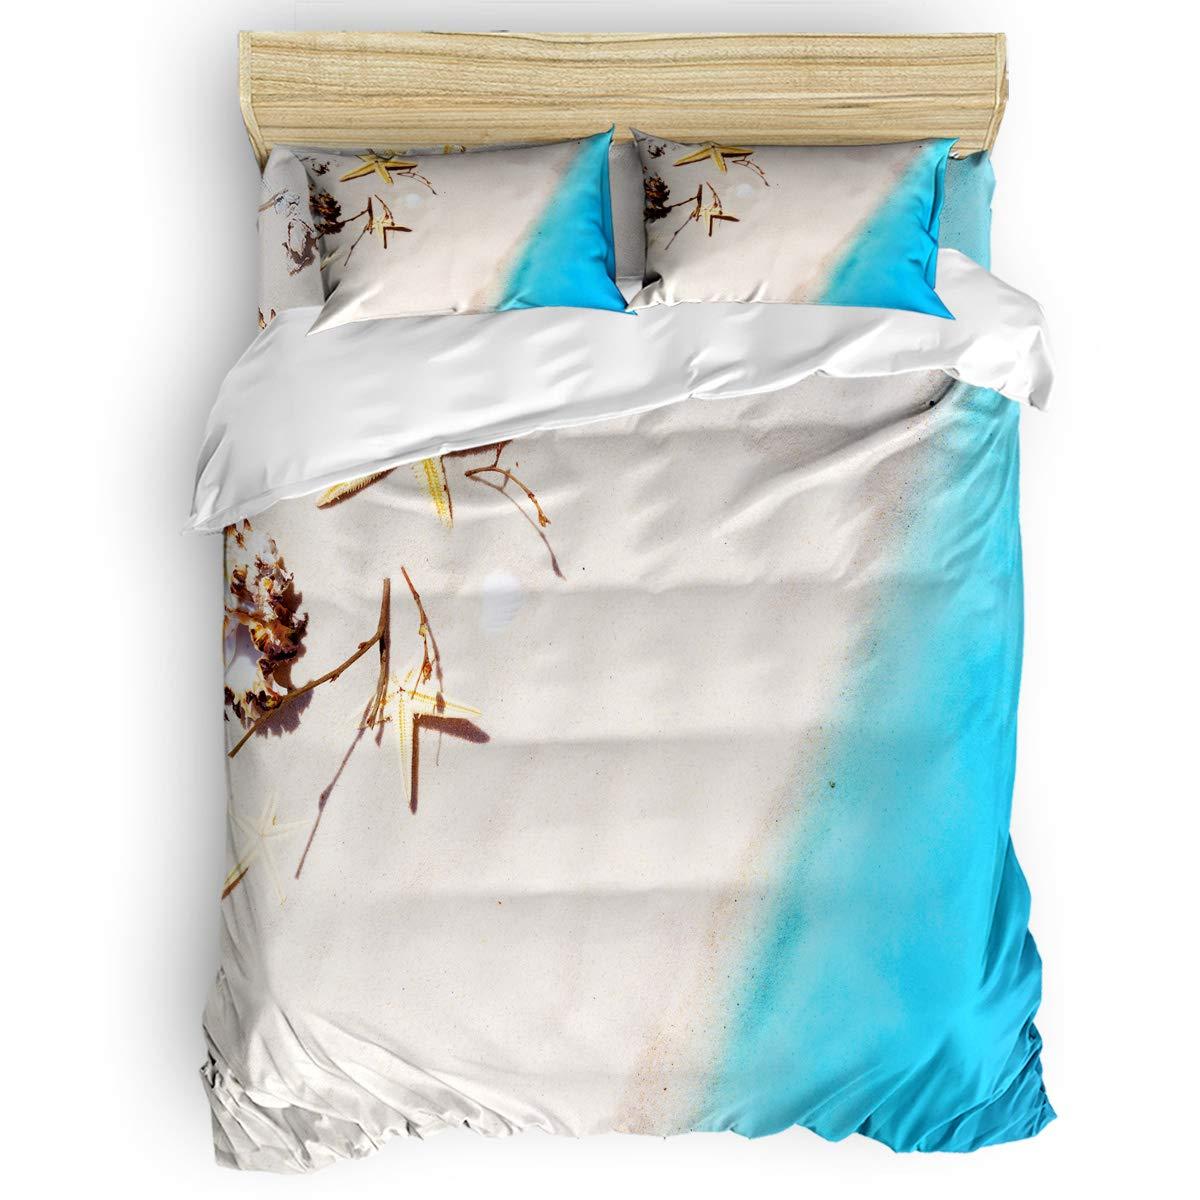 掛け布団カバー 4点セット いかり とるこだま木の板 寝具カバーセット ベッド用 べッドシーツ 枕カバー 洋式 和式兼用 布団カバー 肌に優しい 羽毛布団セット 100%ポリエステル ダブル B07TH97H2W Starfish Beach21LAS6526 ダブル